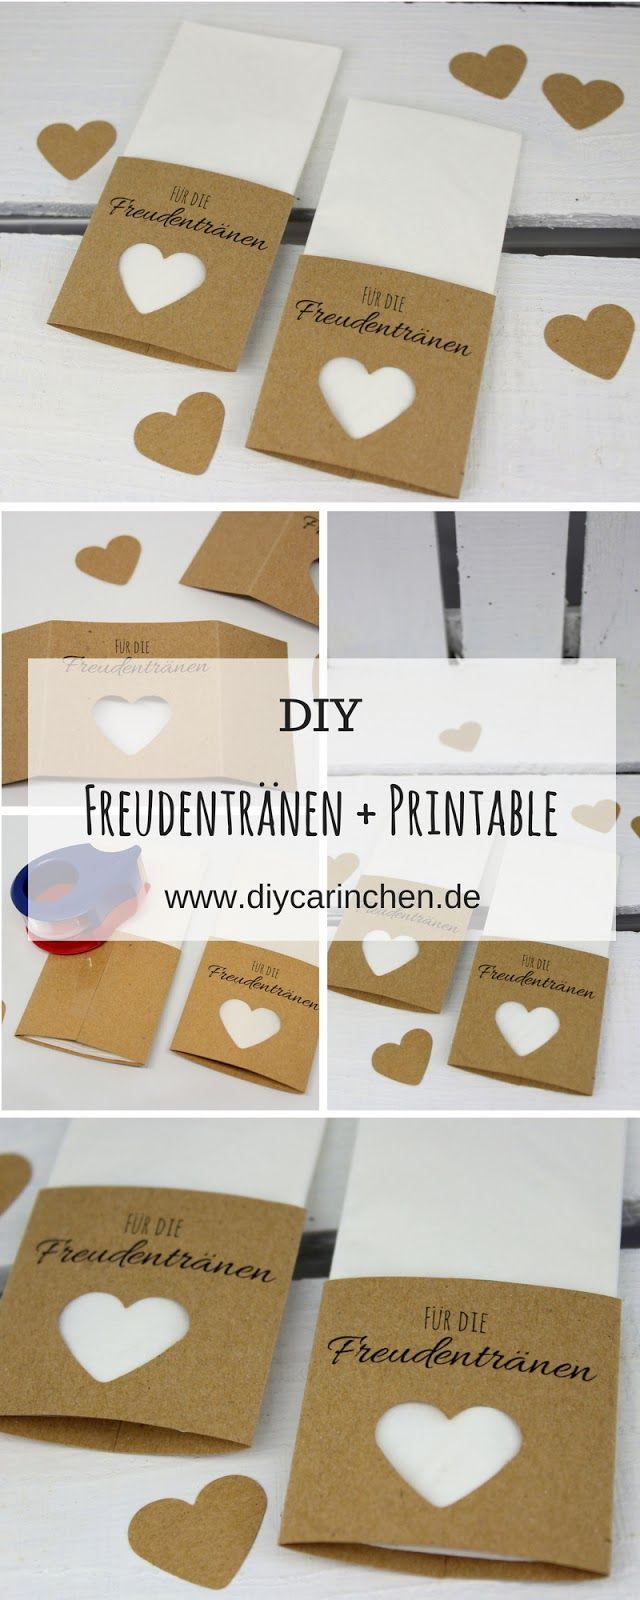 DIY Taschentücher für Freudentränen zur Hochzeit einfach selber machen